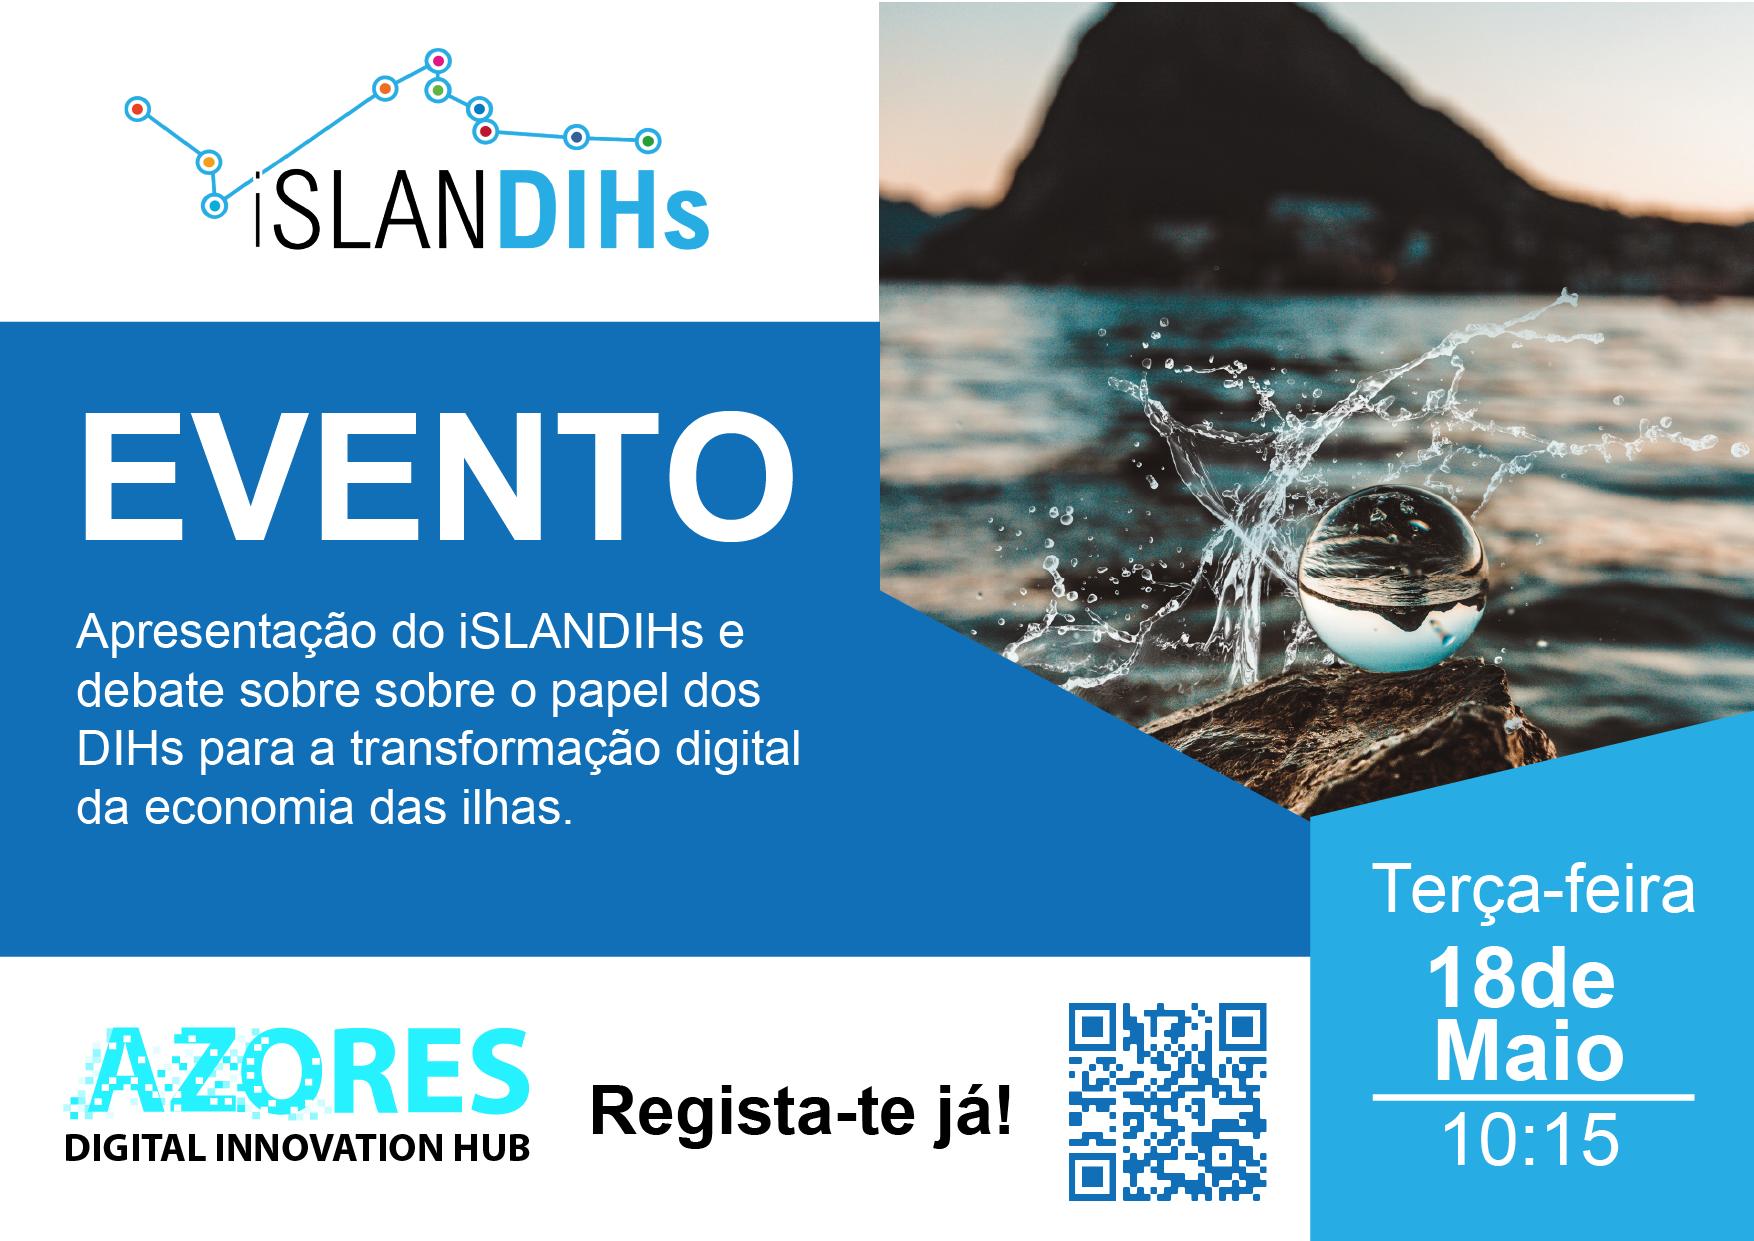 Evento de apresentação do iSLANDIHs